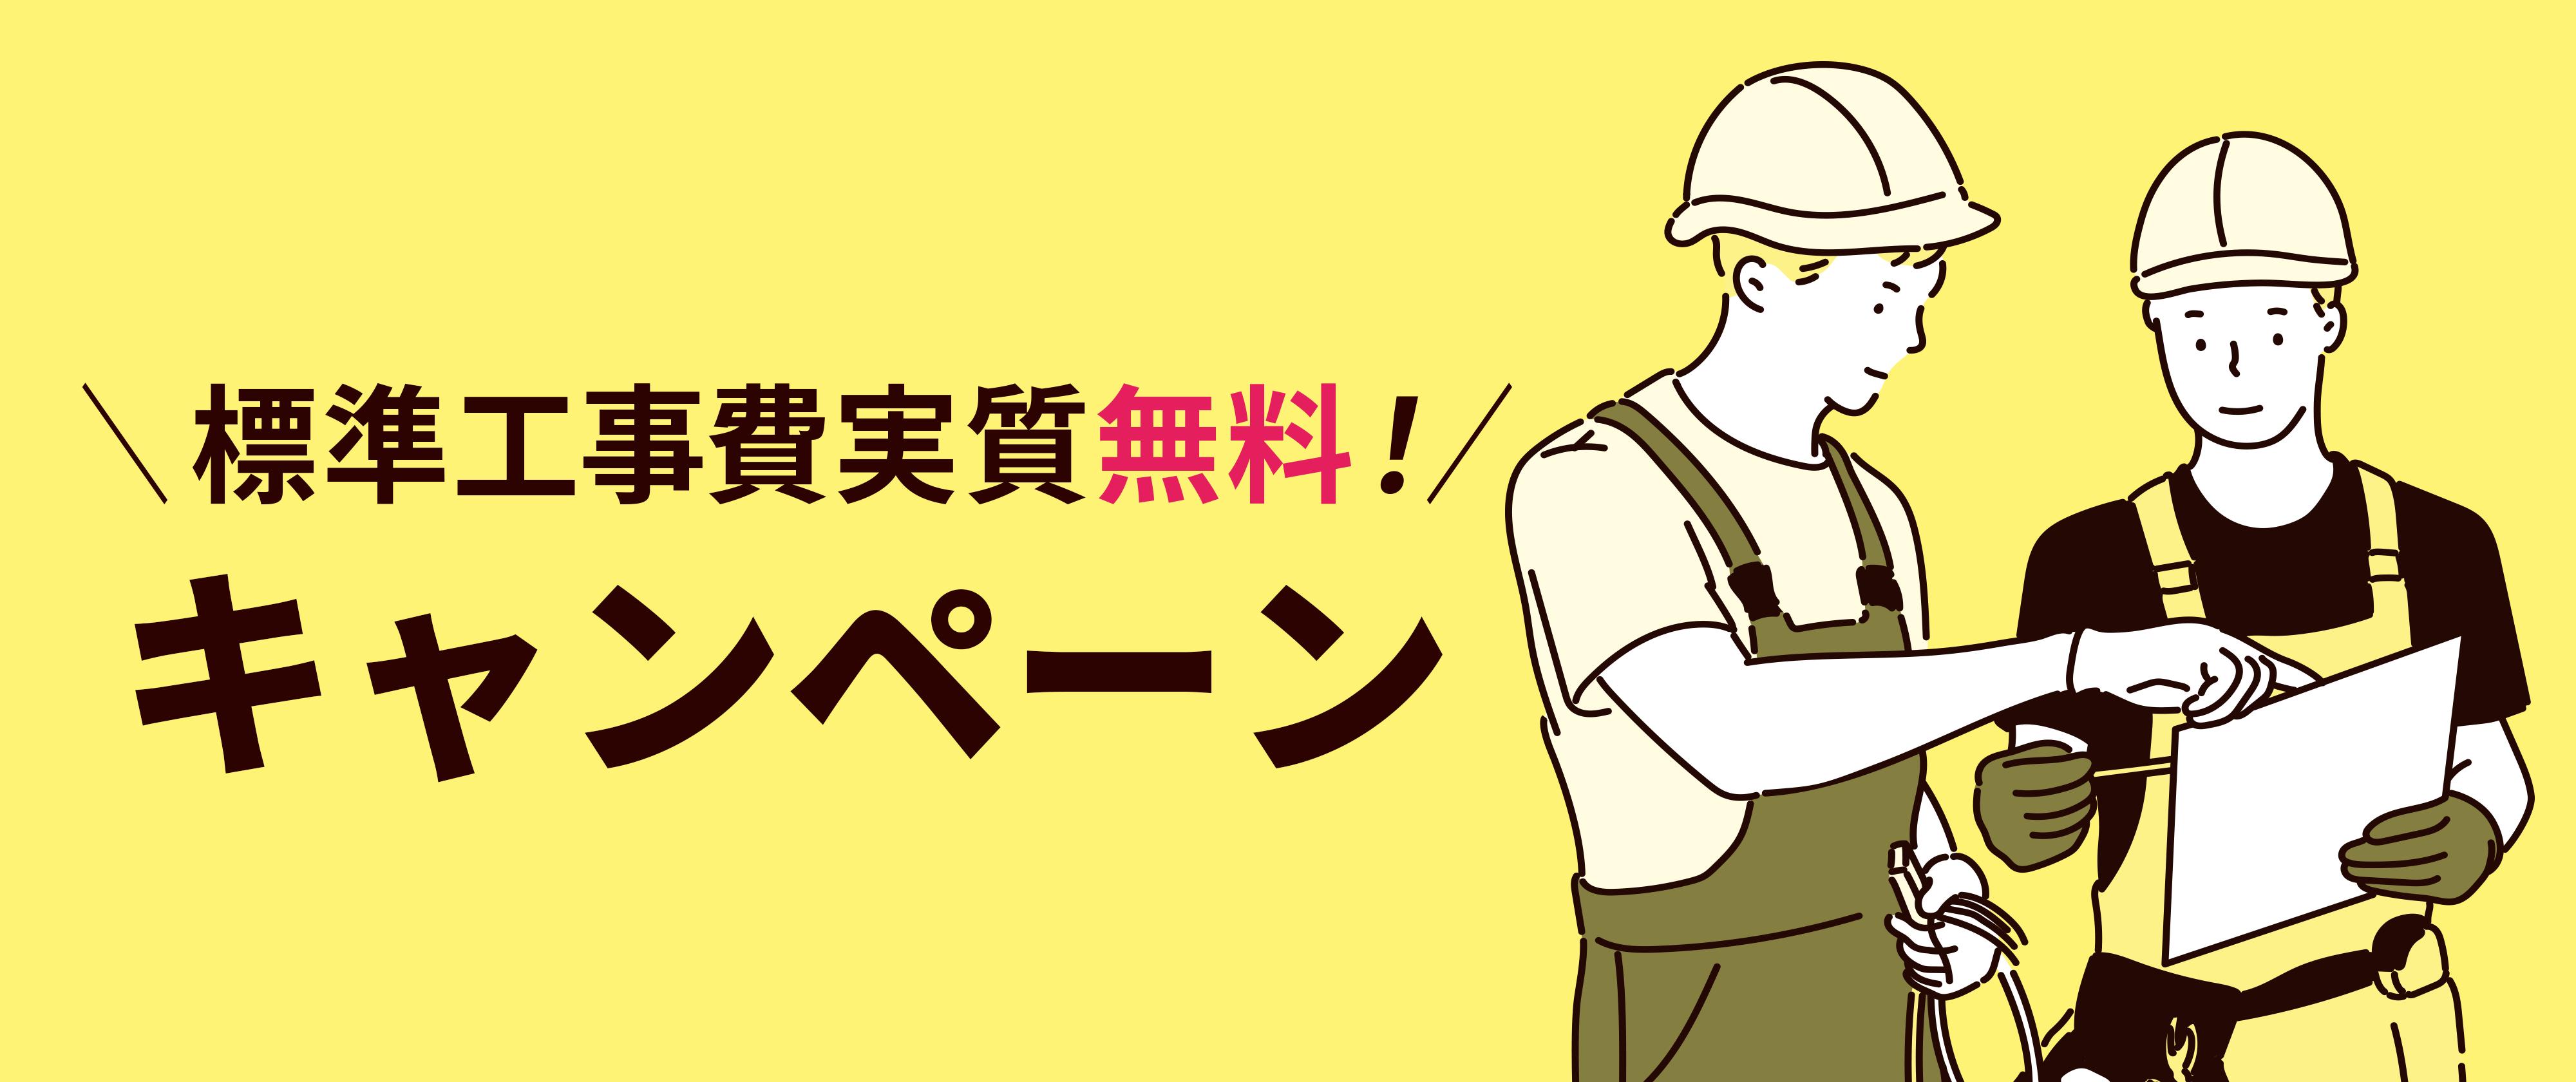 標準工事費無料! 2019 0円キャンペー